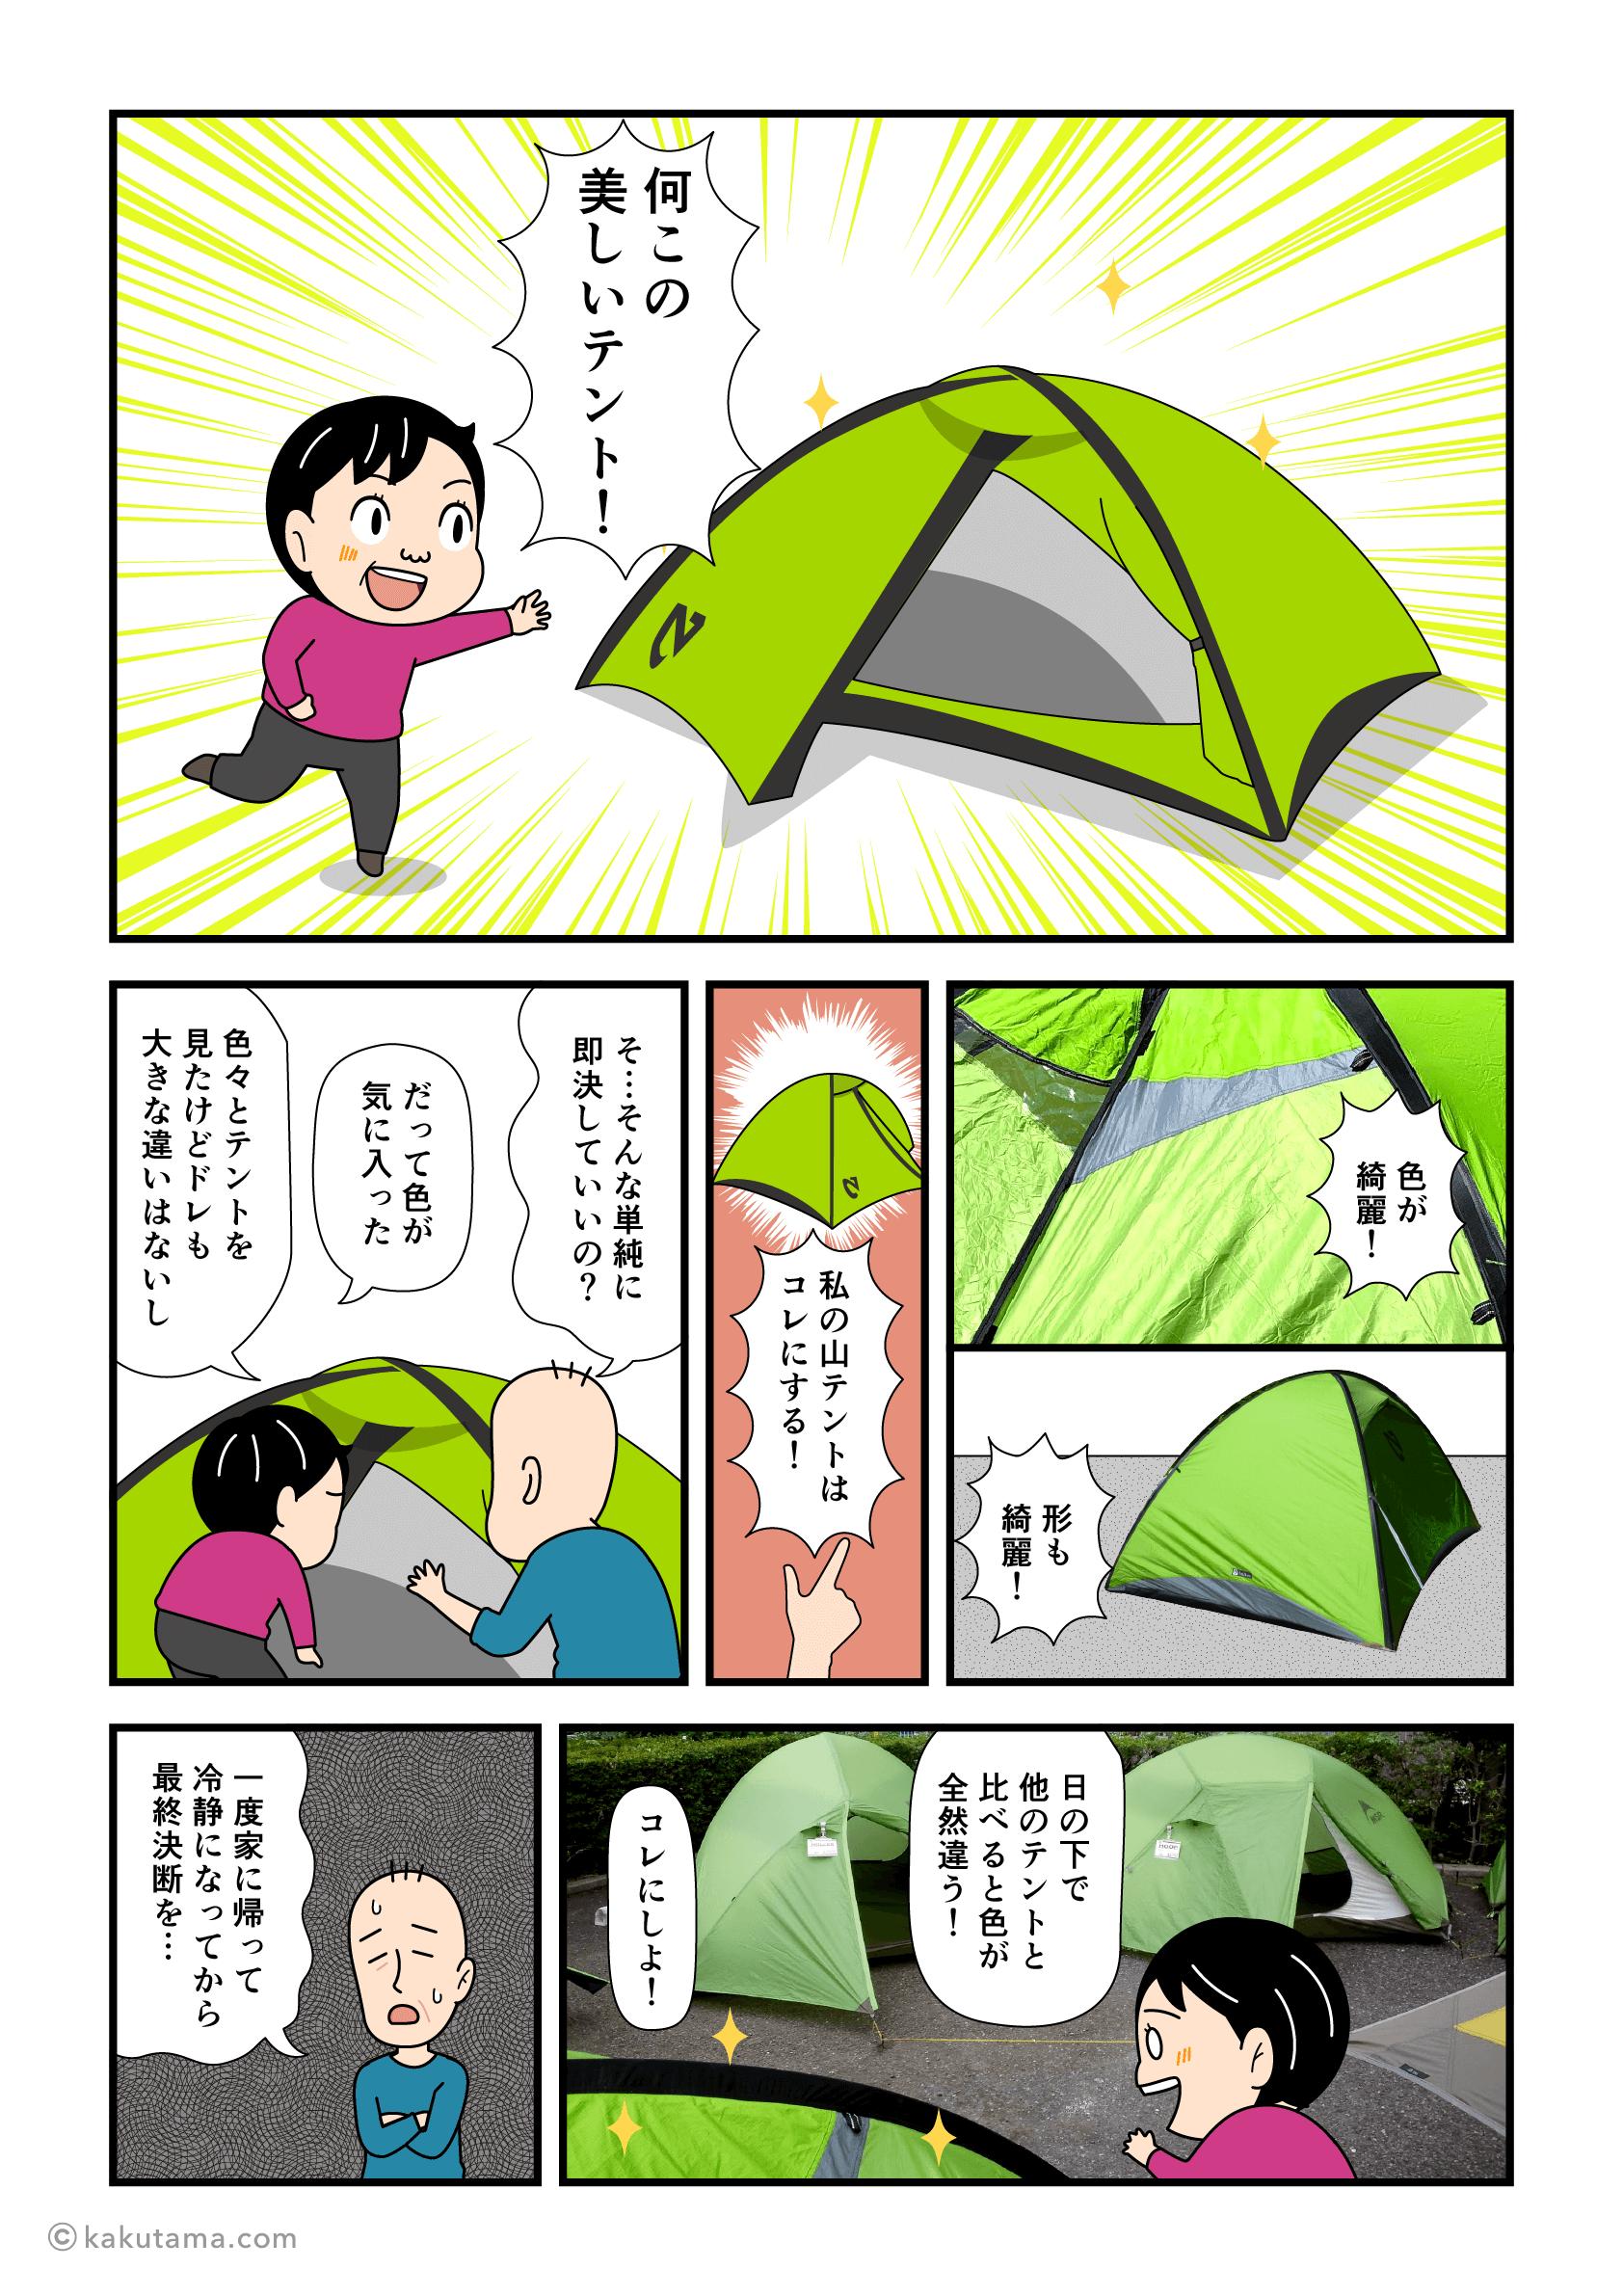 山岳テント購入の決め手はテントのデザインだった漫画